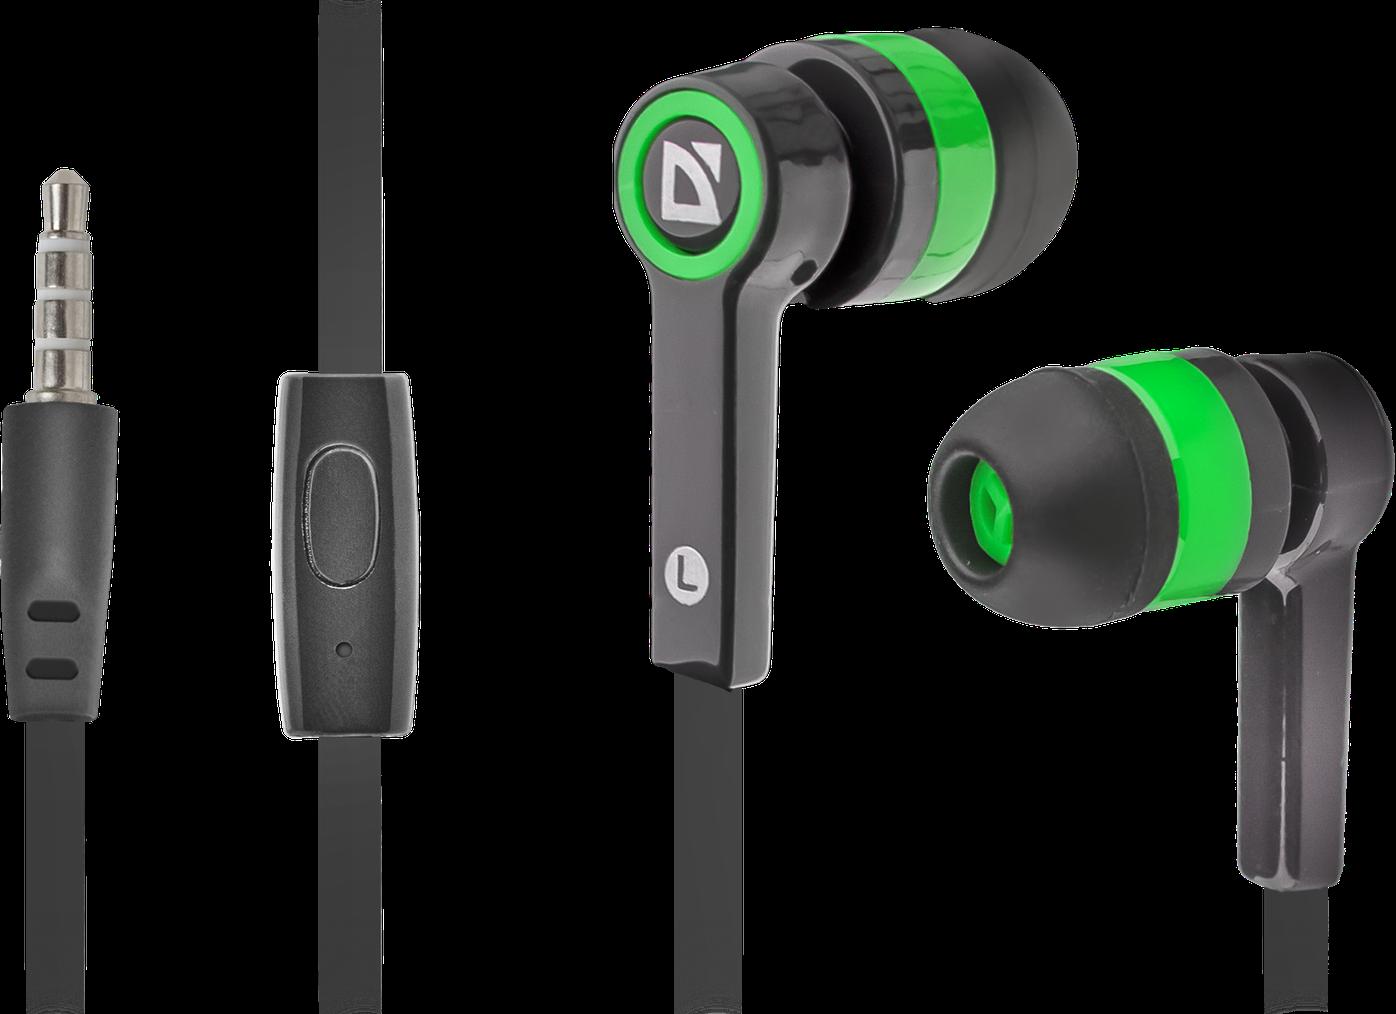 Наушники для ПК Defender Pulse-420, черный/зеленый